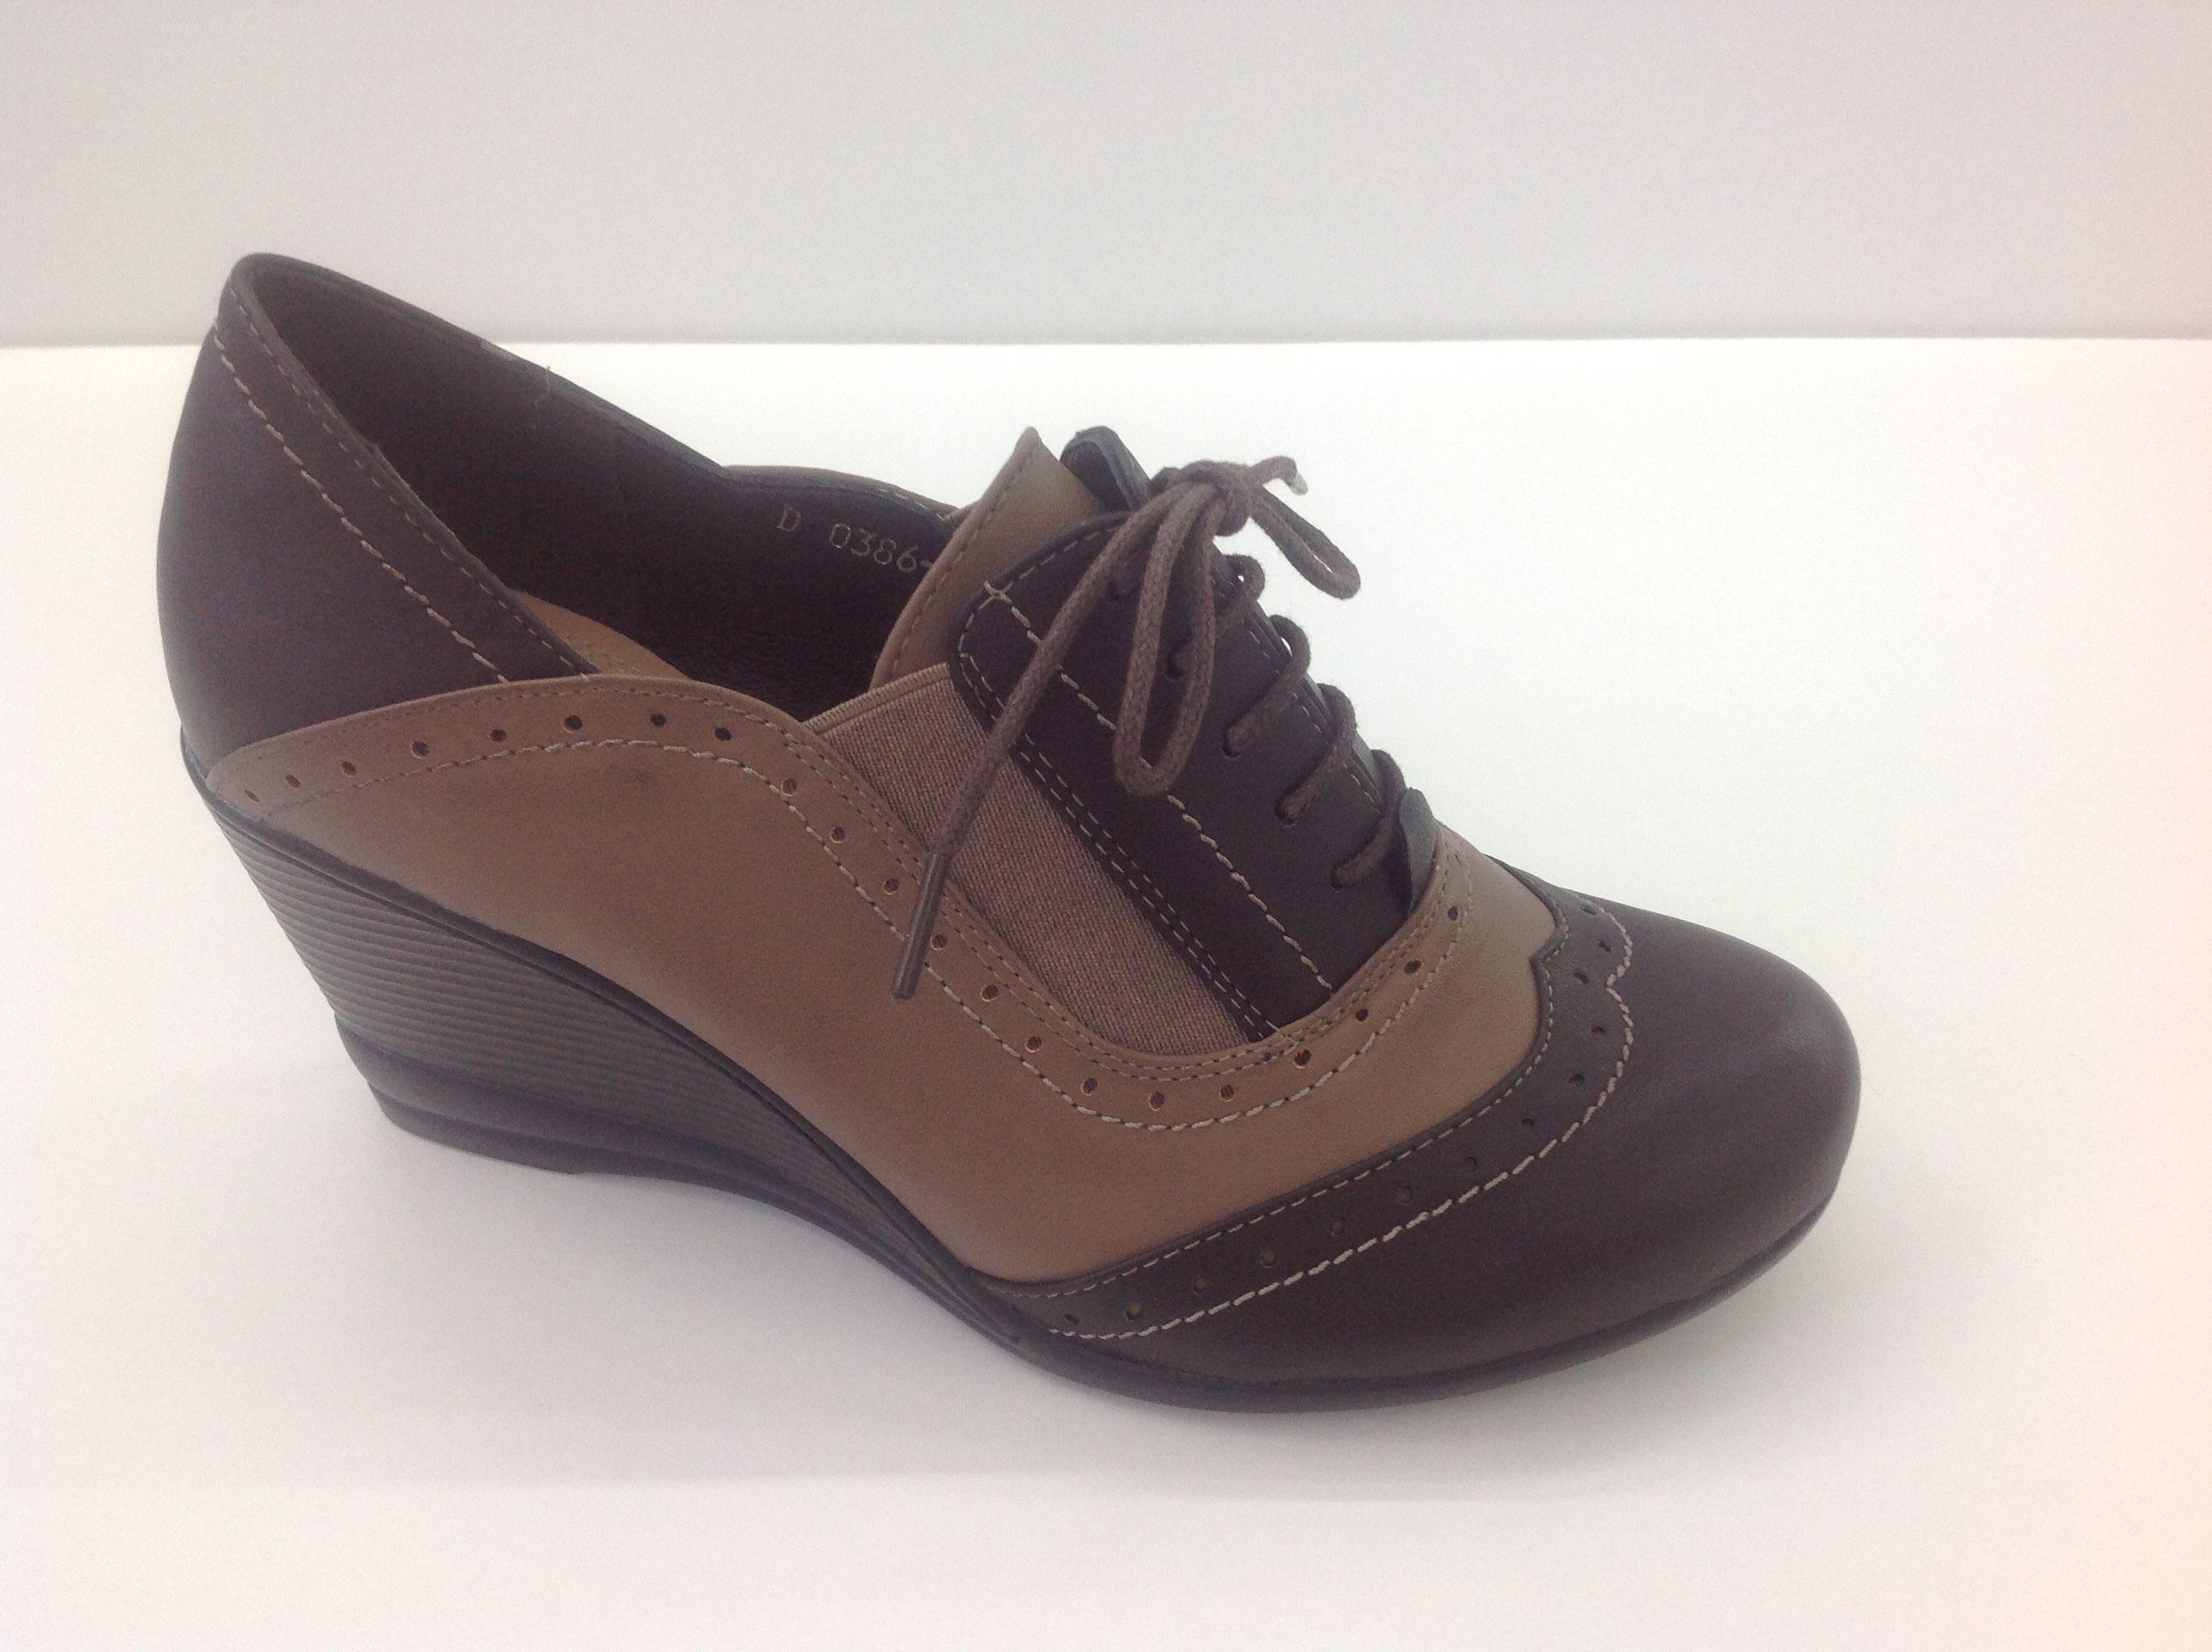 #Botin #Oxford #cuña #chic #Tacón #cool #chicas #marron #camel #cordones #perfect #look http://calzadostacon.es/coleccion?zapato_cuna/do386-2_ma